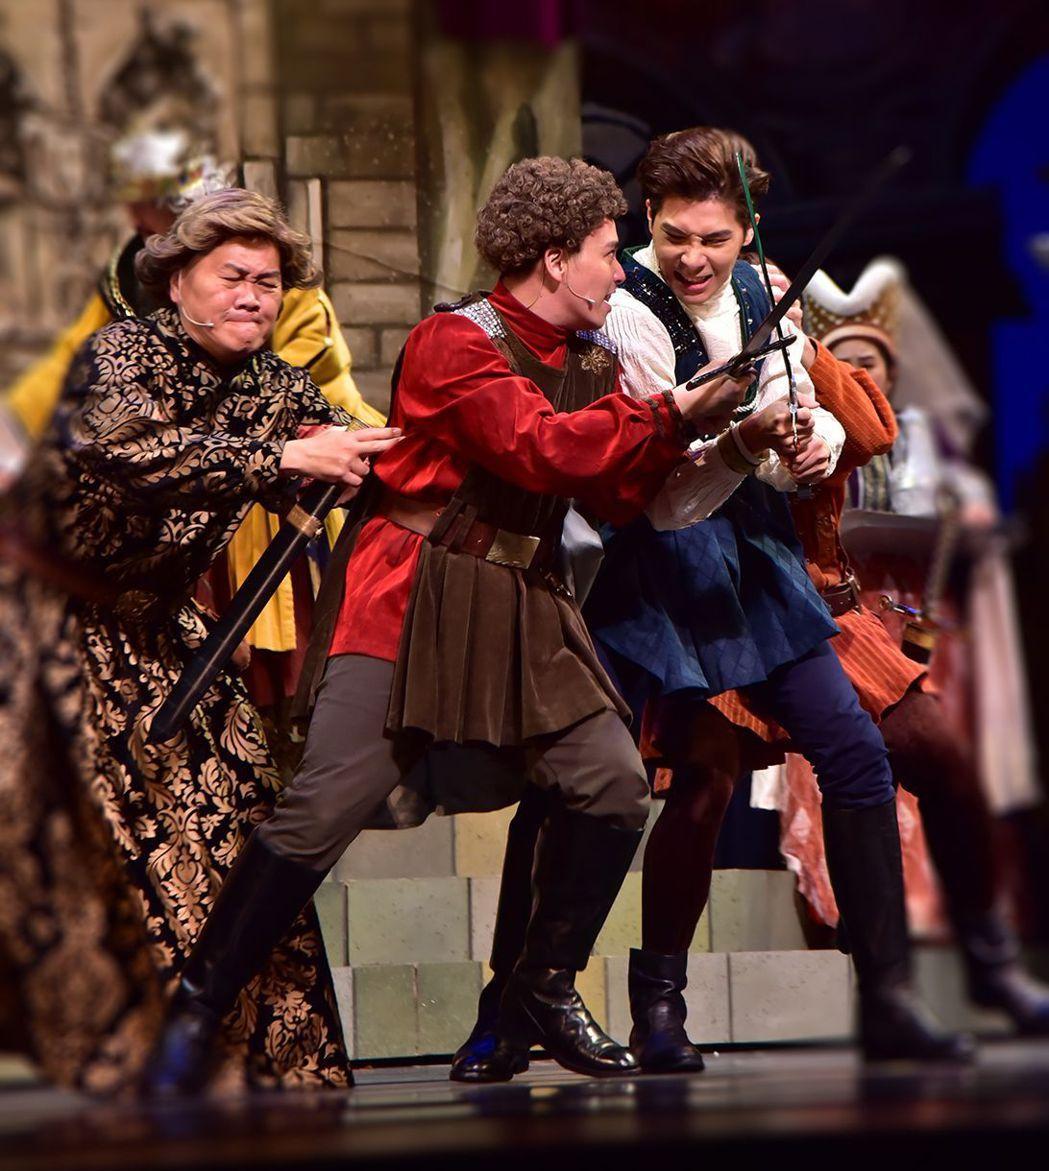 《莎姆雷特》透過「戲中戲中戲」的複雜結構,玩味「戲如人生」的深刻體會,讓演員在面...